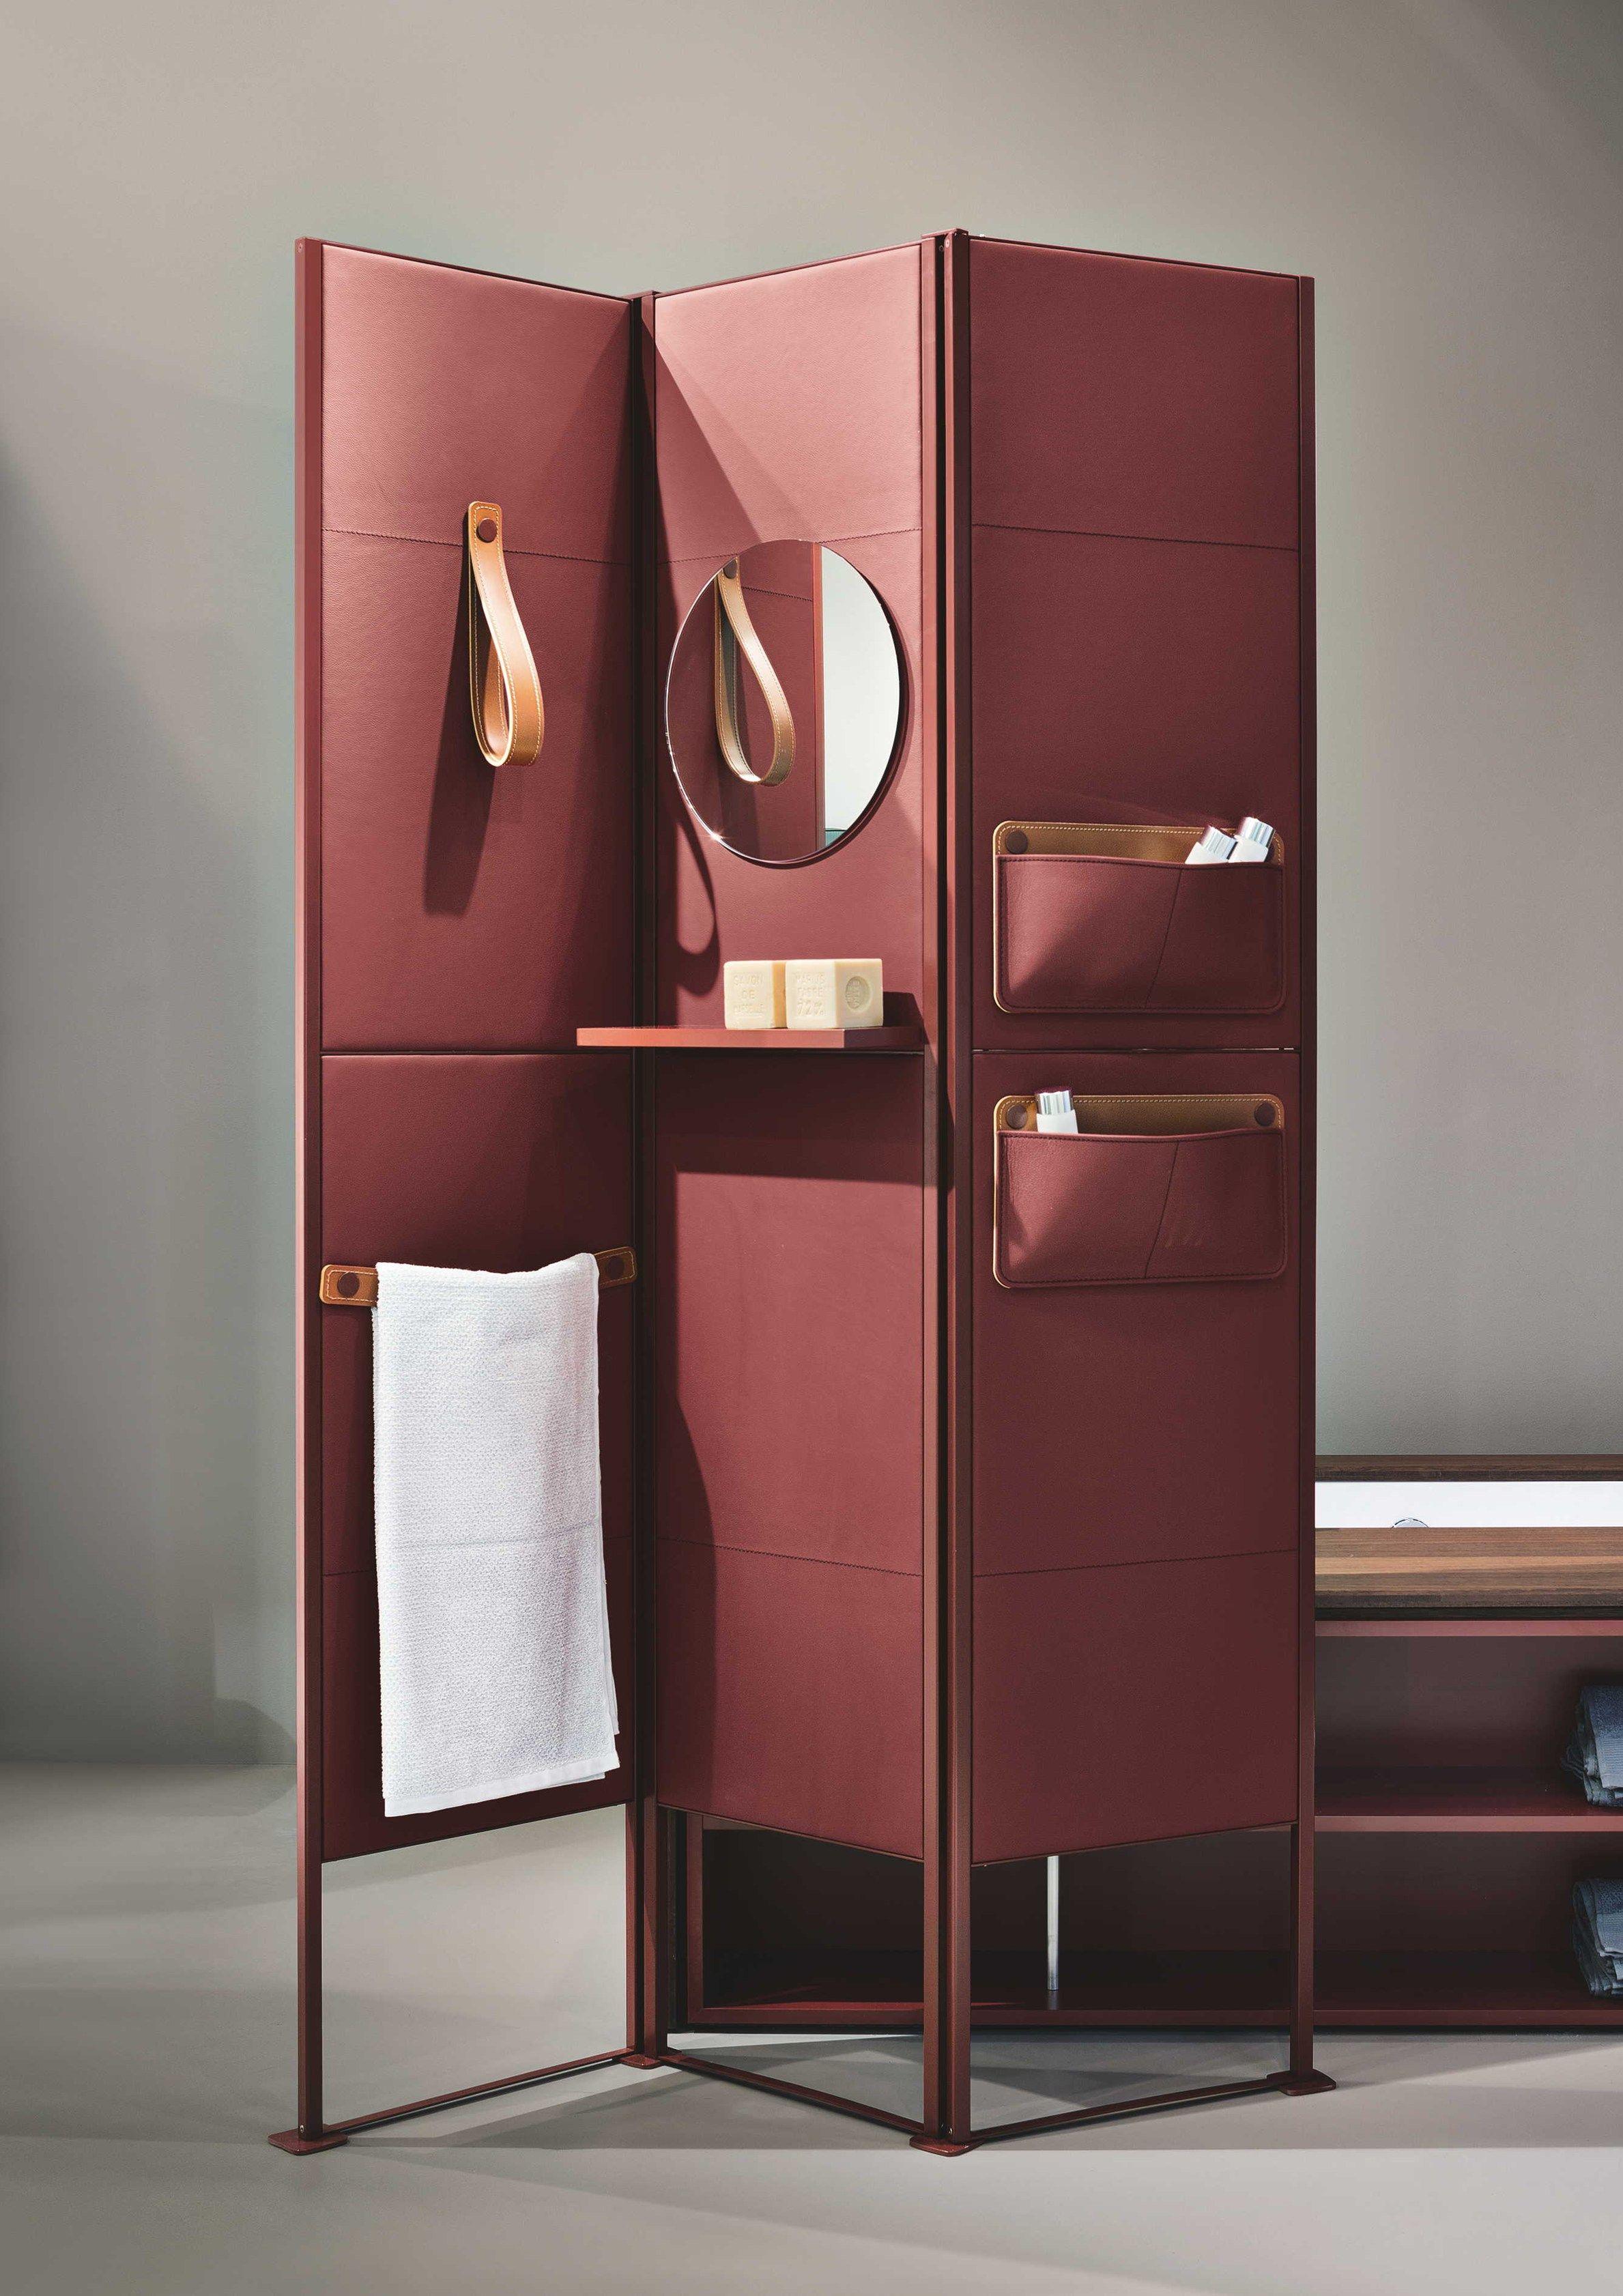 Biombos de cuero shade by makro dise o marco taietta for Diseno de apartamentos industriales